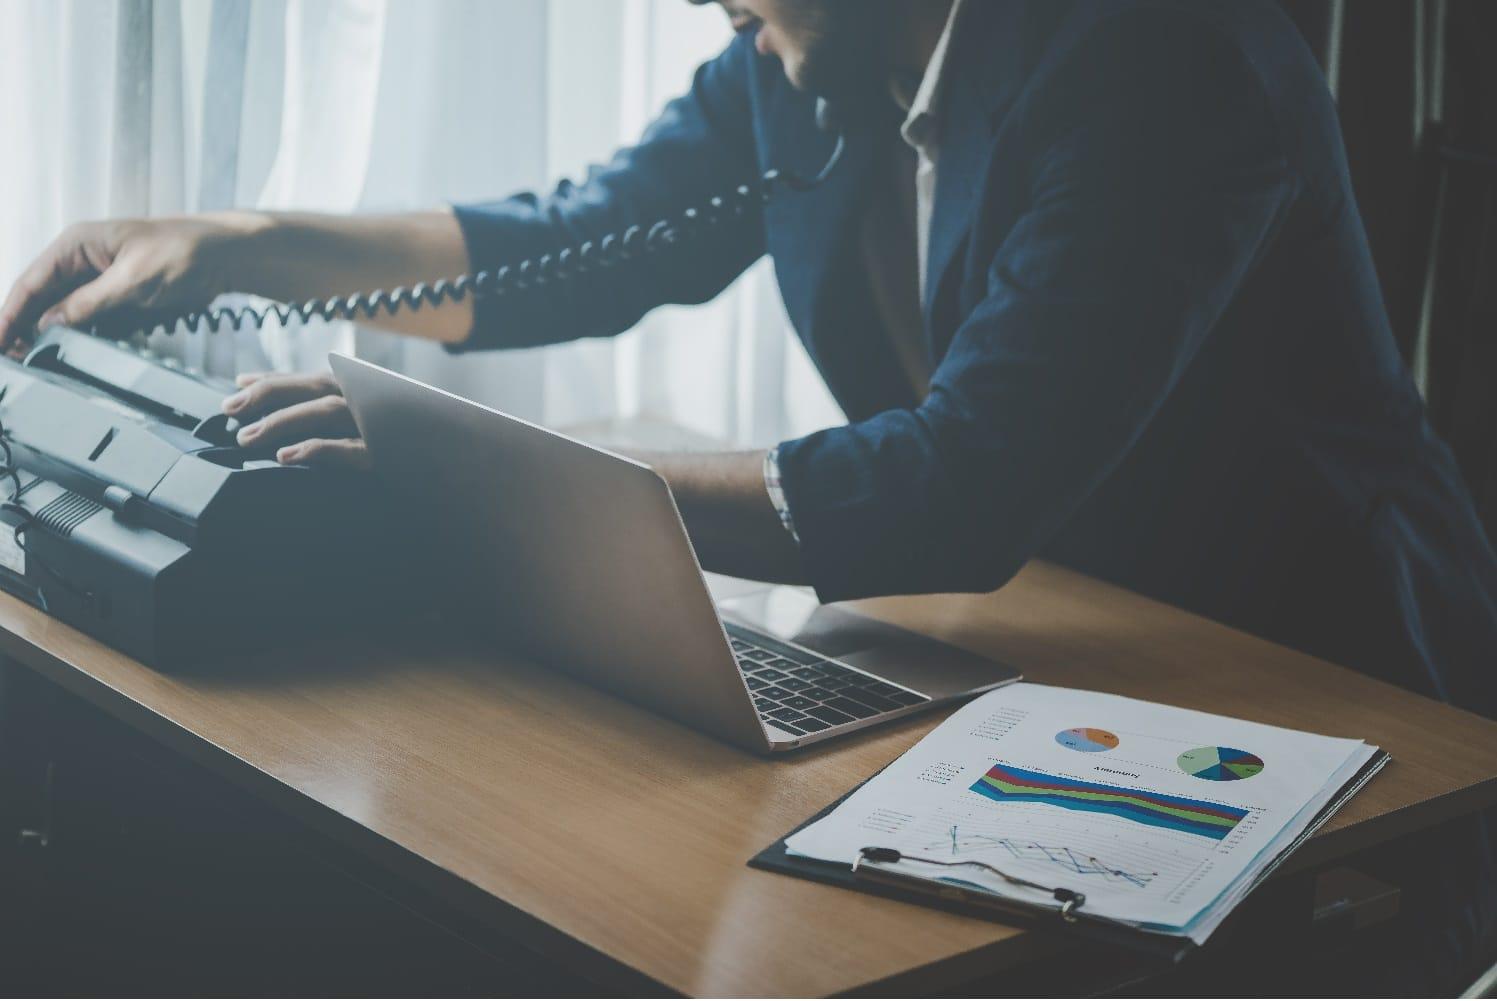 CocoFax - Melhor Serviço de Fax Online Classificado (Enviar e Receber) 1